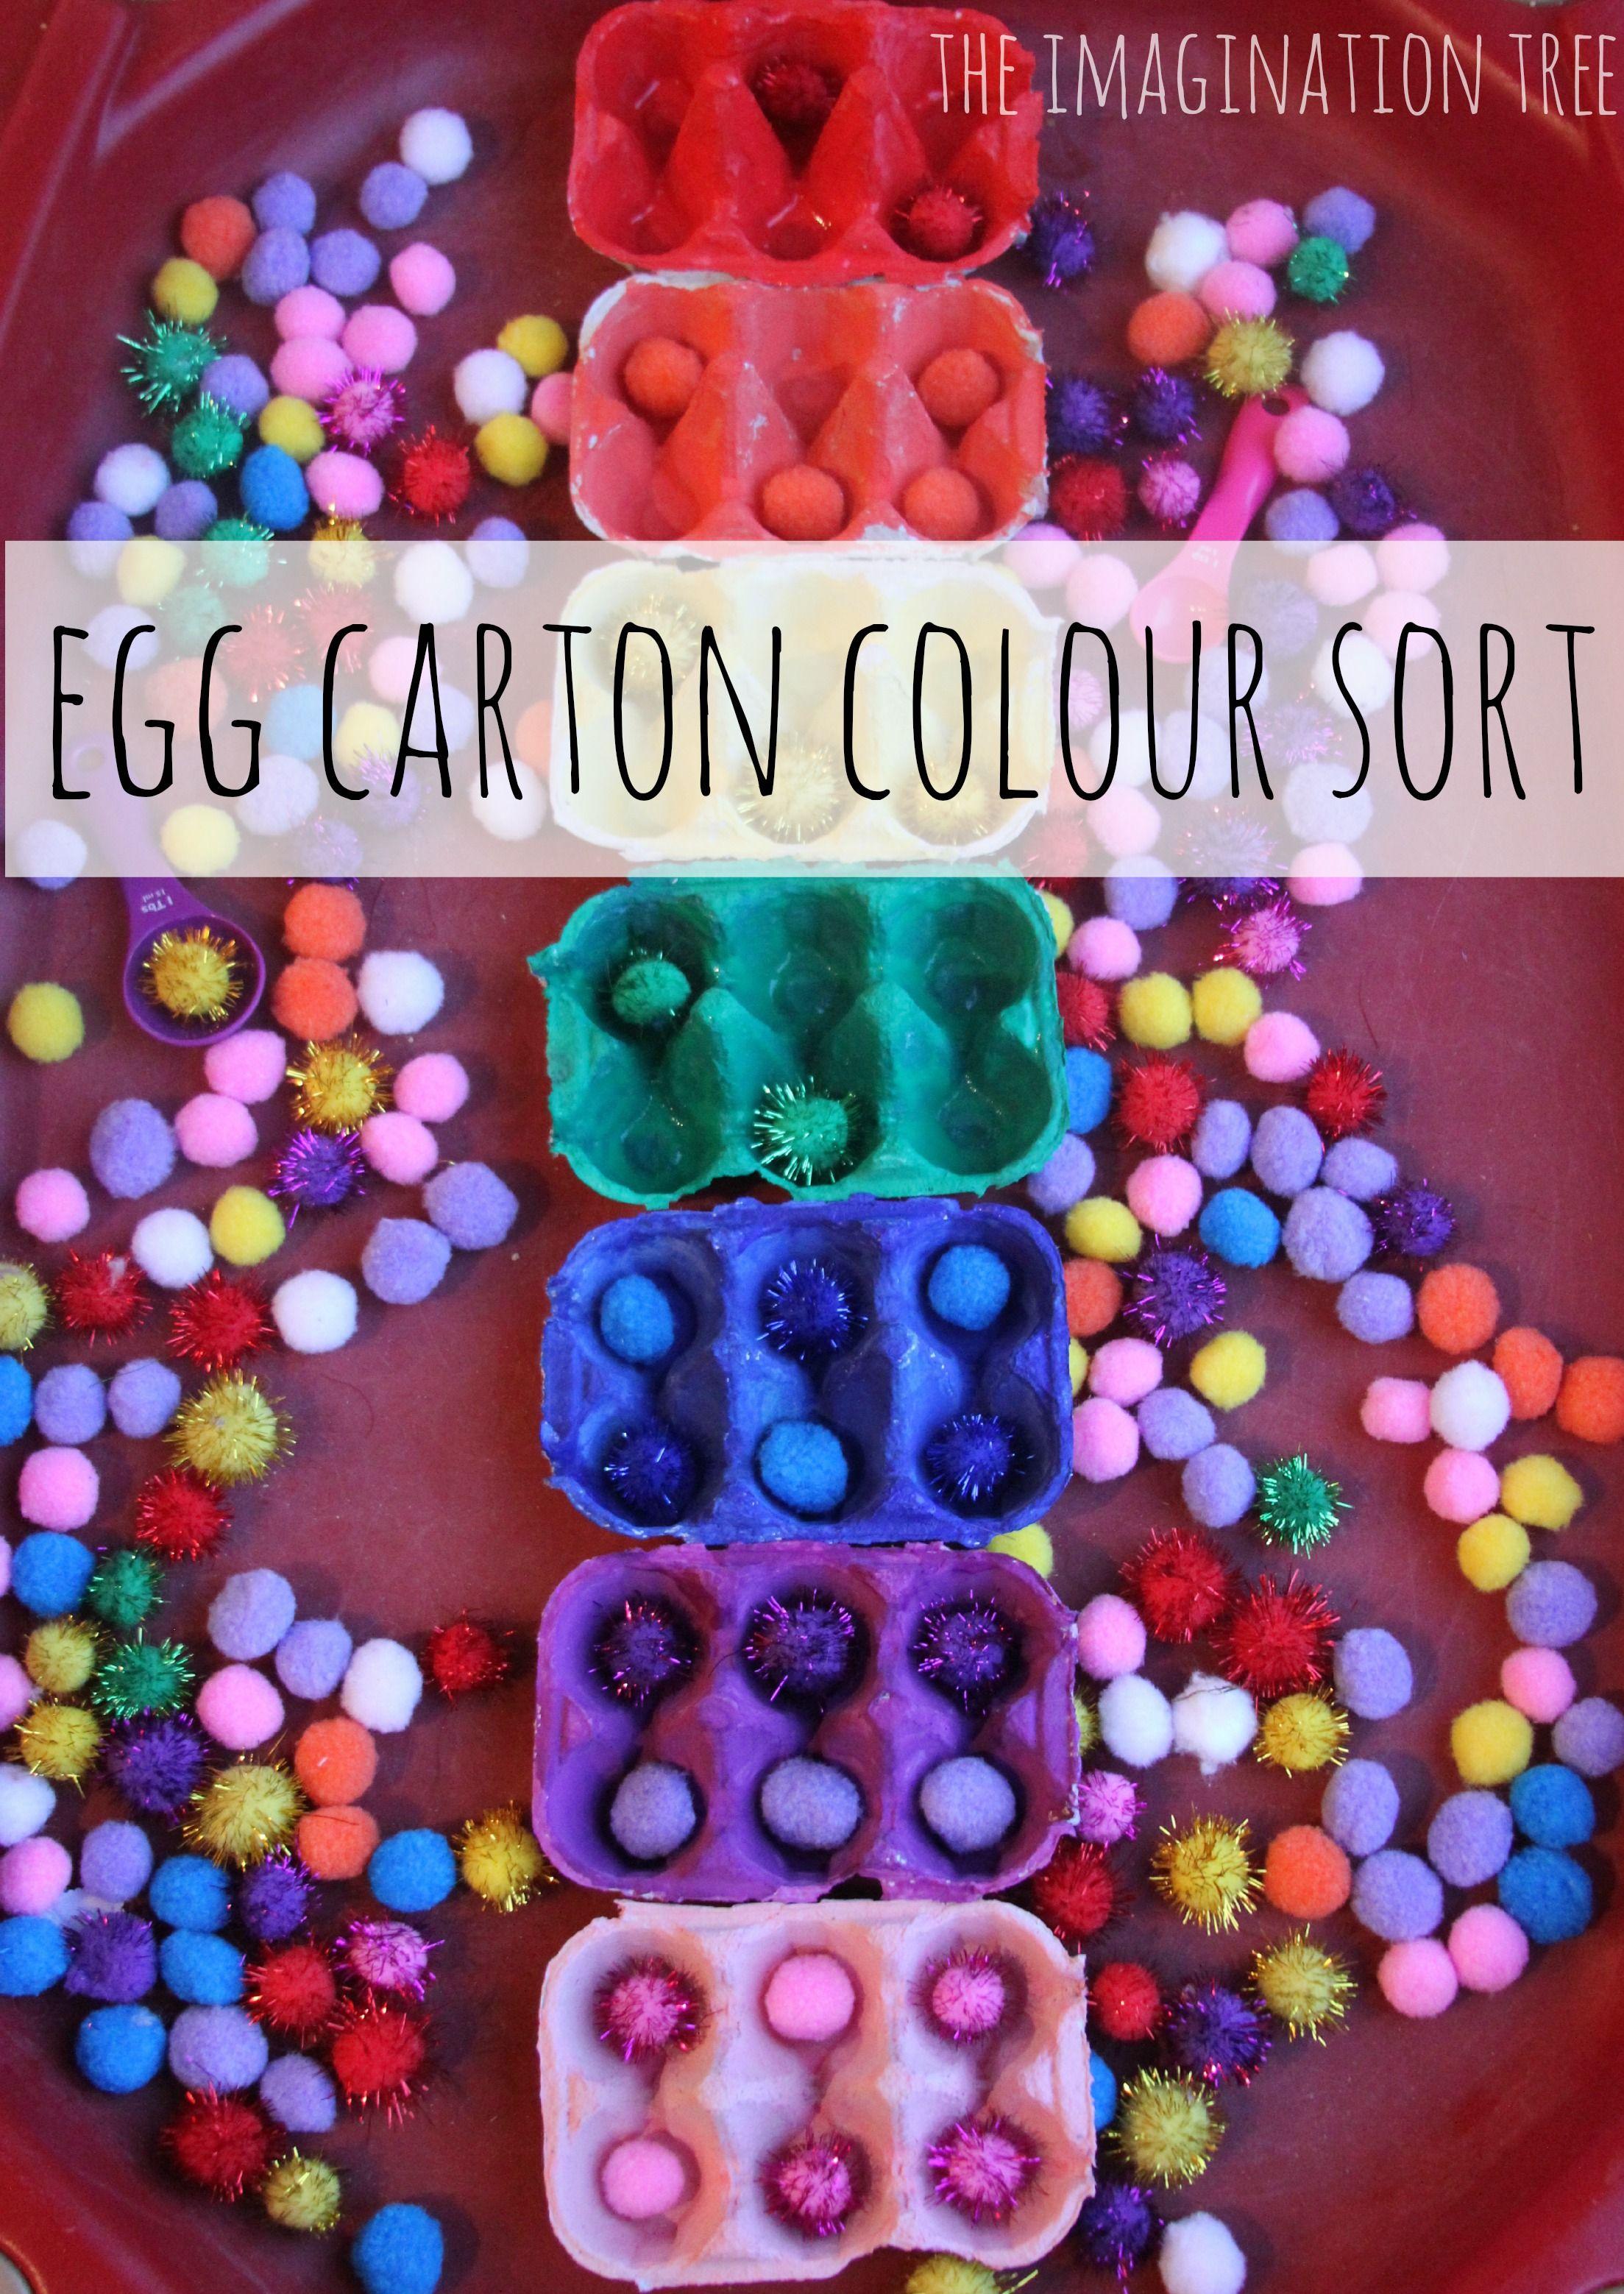 Egg Carton Colour Sorting